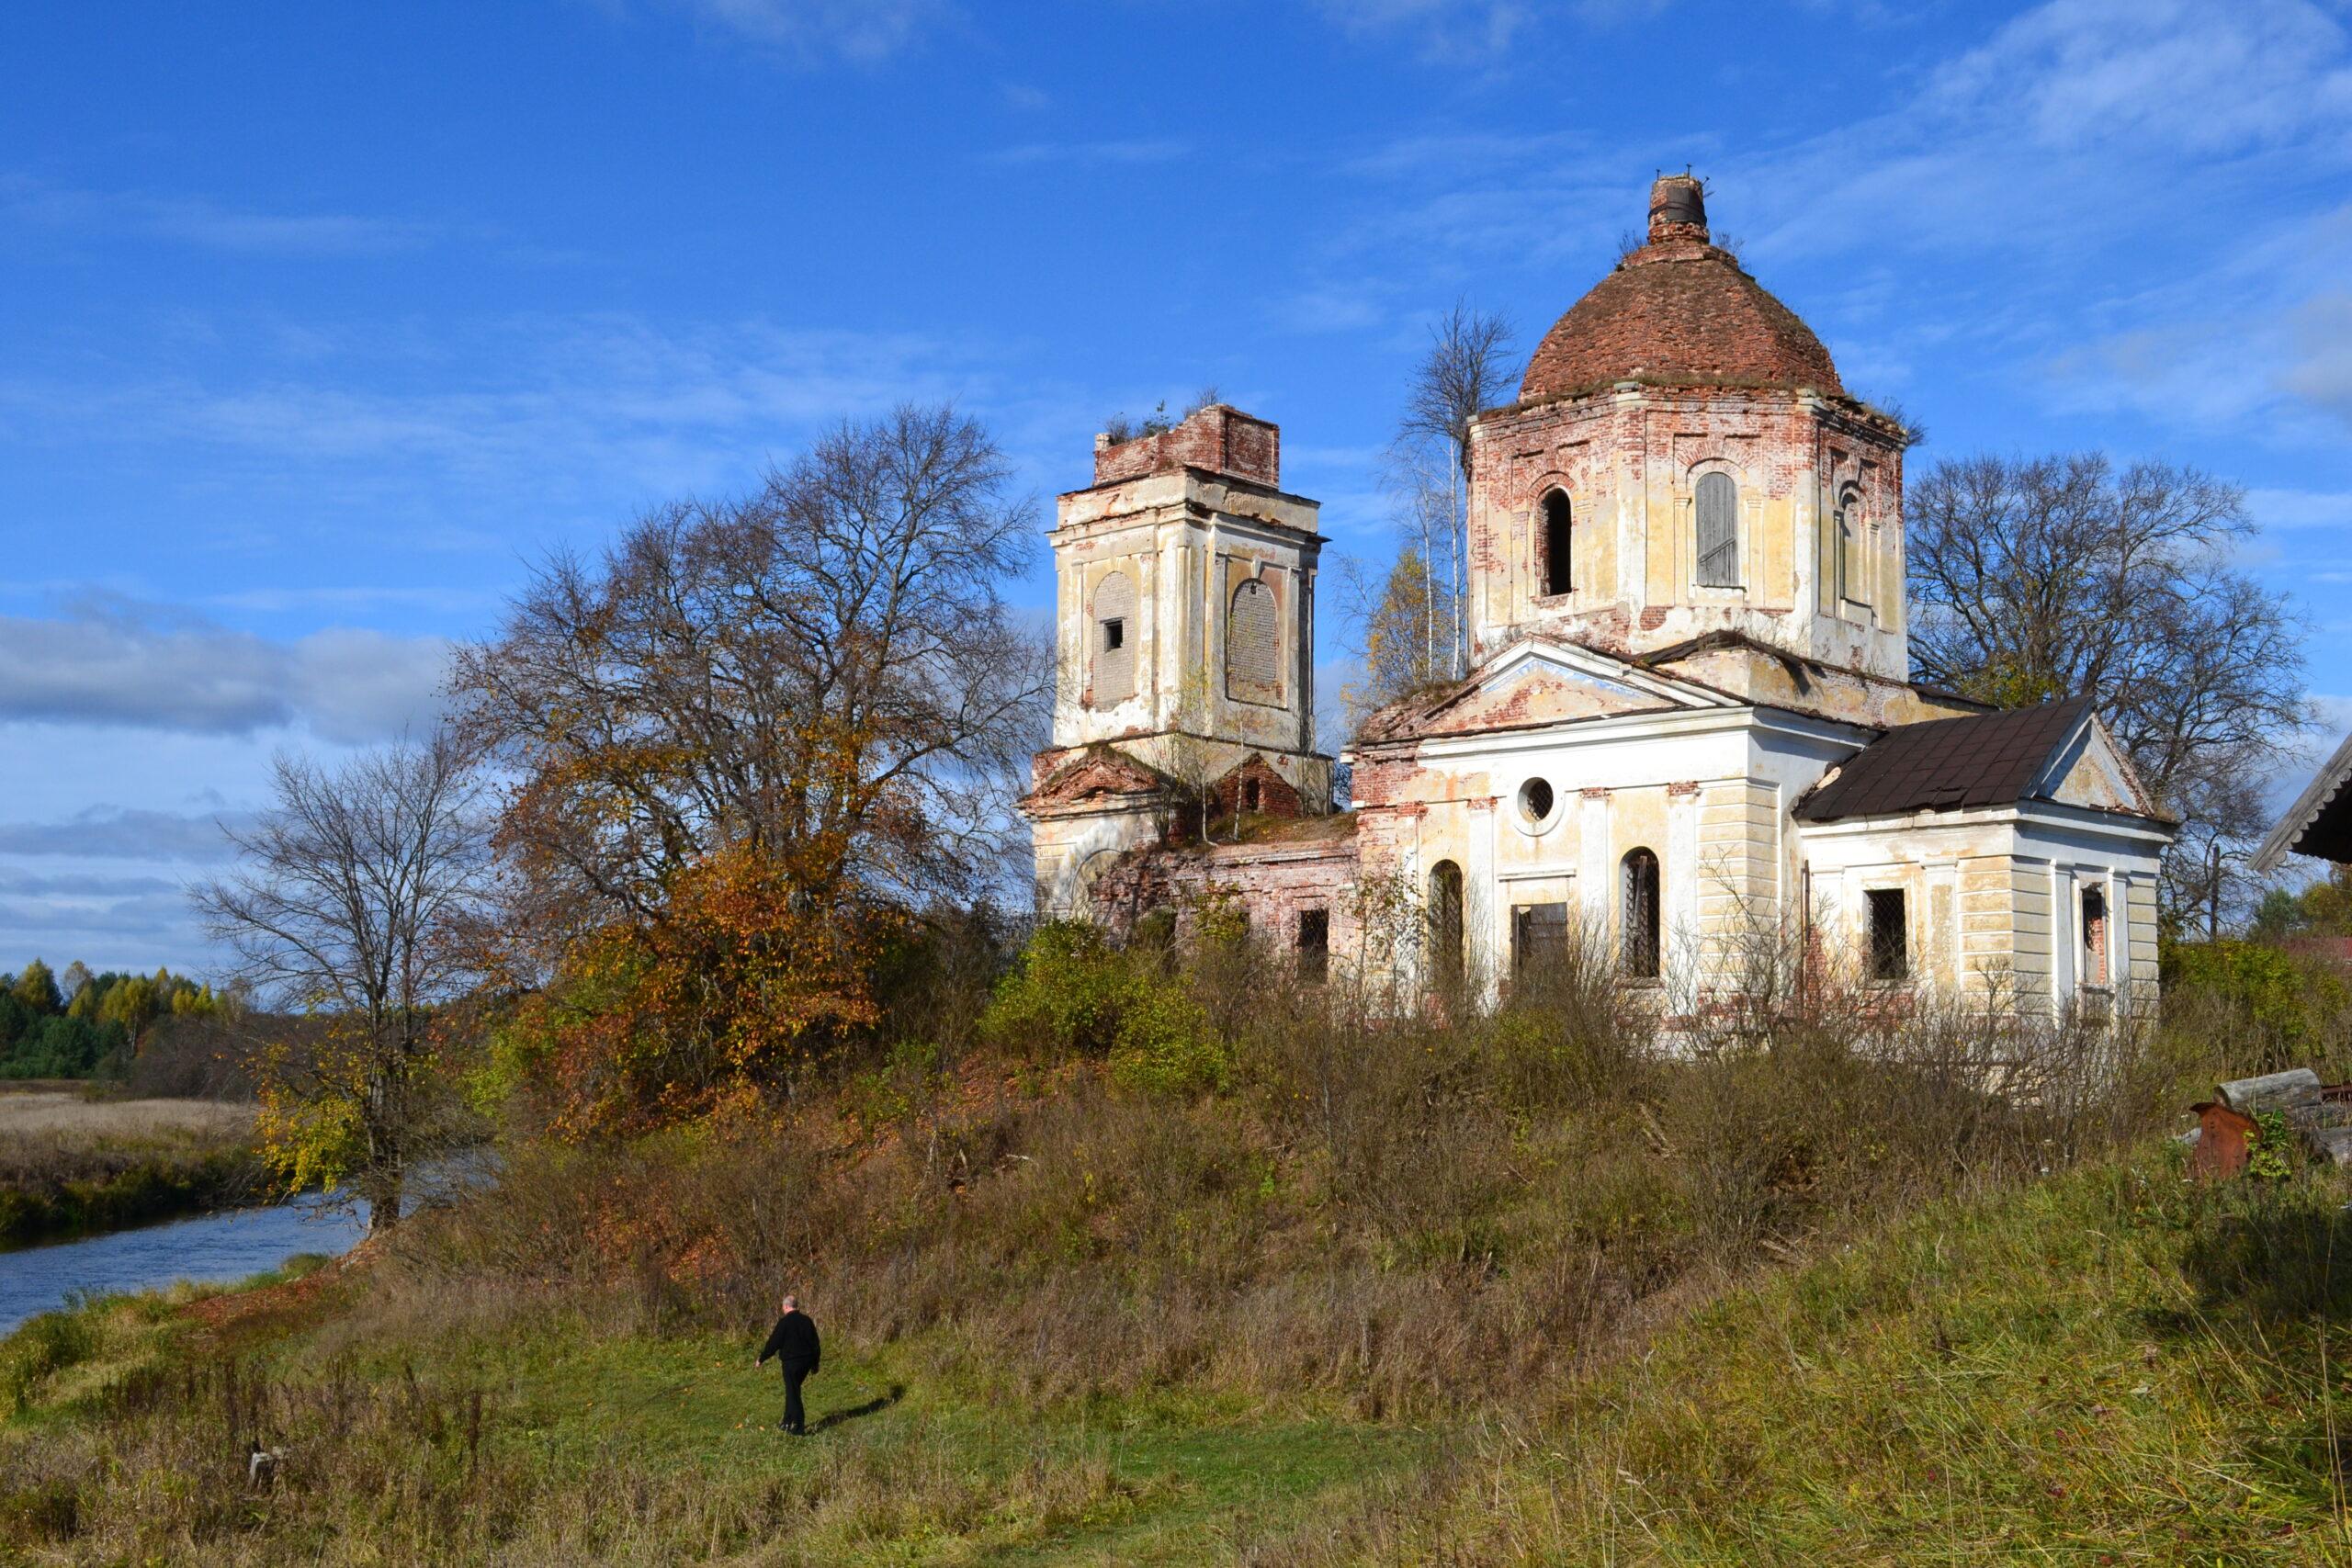 Тверской митрополит Амвросий: к чему новые церкви, если старые в руинах